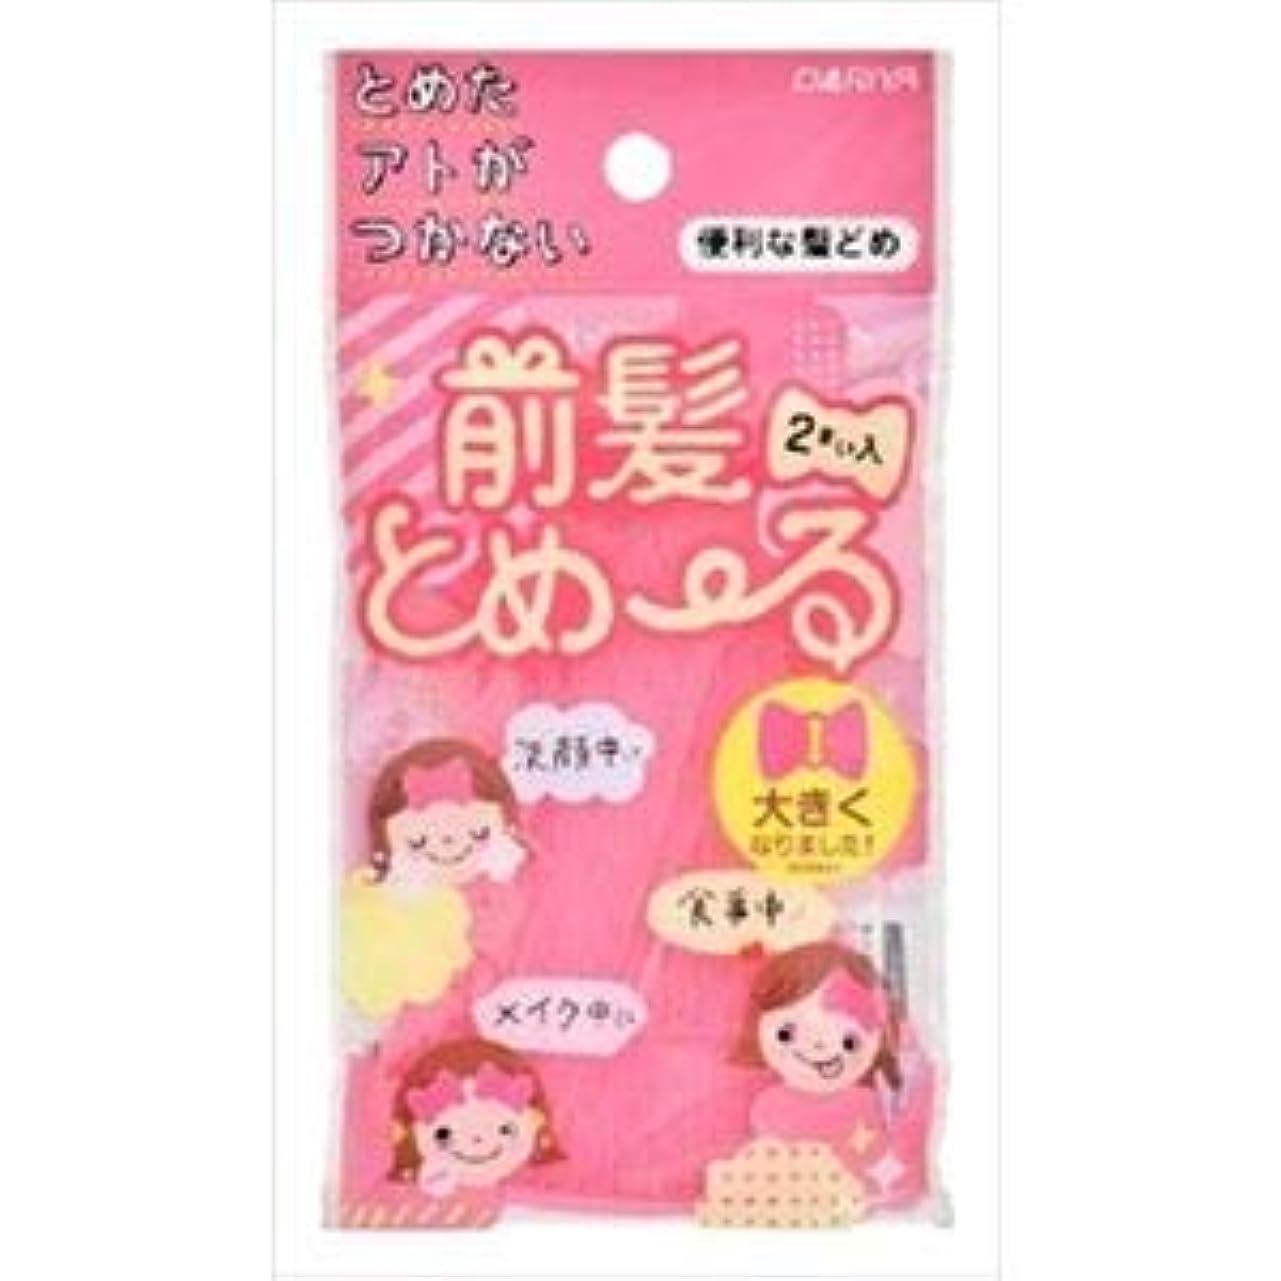 思いやり女性入場(まとめ)ダリヤ 前髪とめ~る [ピンク] 【×6点セット】